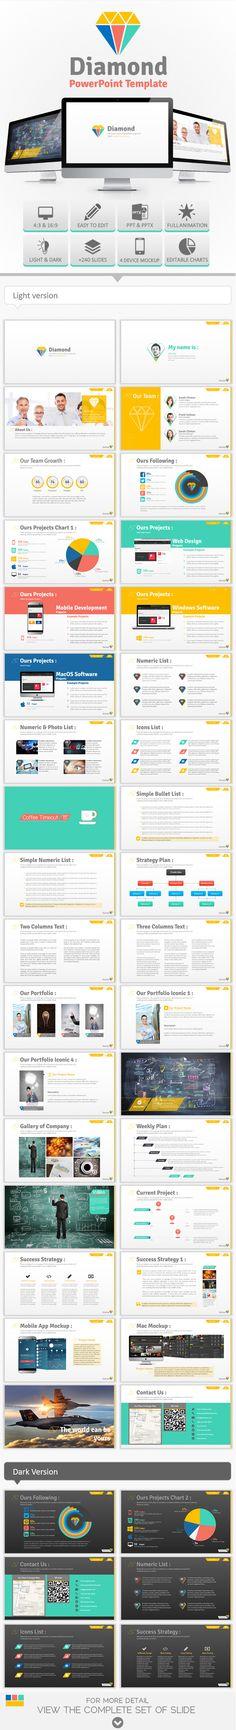 Diamond PowerPoint Template (PowerPoint Templates)